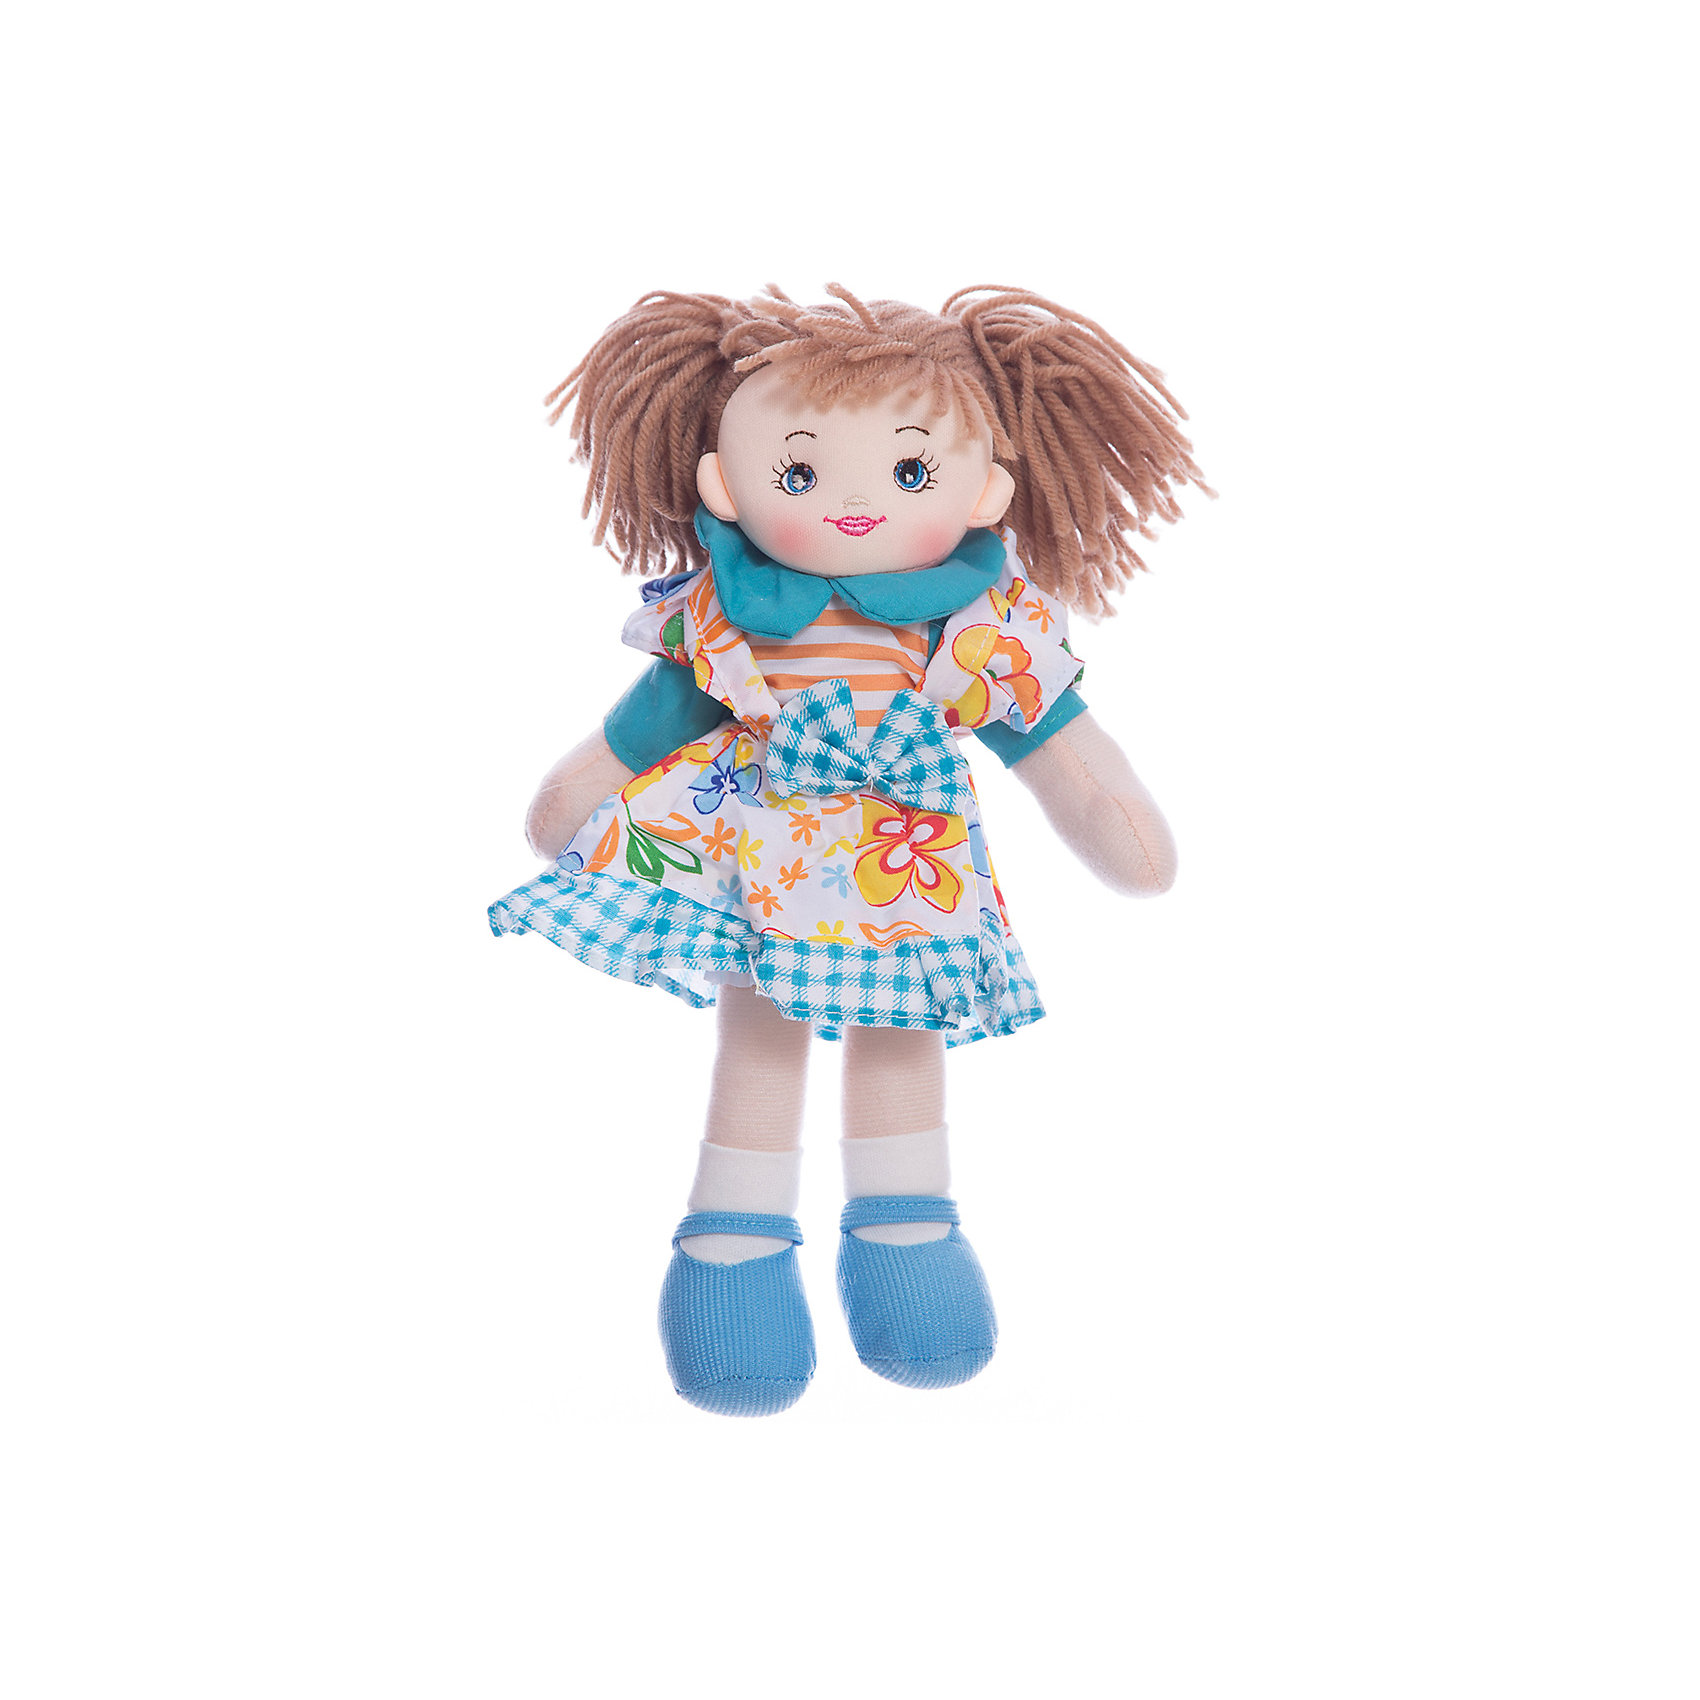 Кукла Хозяюшка, 30 см, Tiny LoveМягкие куклы<br>Кукла Хозяюшка, 30 см, Tiny Love.<br><br>Характеристики:<br><br>- Материал: текстиль, наполнитель<br>- Высота игрушки: 30 см.<br><br>Мягкая кукла Хозяюшка, одетая в цветастый фартук, выглядит так, будто сейчас бросится хлопотать по дому, а короткие рукава, строгий воротничок и целеустремленный взгляд только подтверждают ее твердое намерение взяться за работу. С такой хозяюшкой в доме точно всегда будет чисто и опрятно! Кукла изготовлена из приятного на ощупь текстиля, она безопасна даже для маленьких детей, ее можно стирать.<br><br>Куклу Хозяюшка, 30 см, Tiny Love можно купить в нашем интернет-магазине.<br><br>Ширина мм: 140<br>Глубина мм: 300<br>Высота мм: 60<br>Вес г: 125<br>Возраст от месяцев: 36<br>Возраст до месяцев: 2147483647<br>Пол: Унисекс<br>Возраст: Детский<br>SKU: 5059847